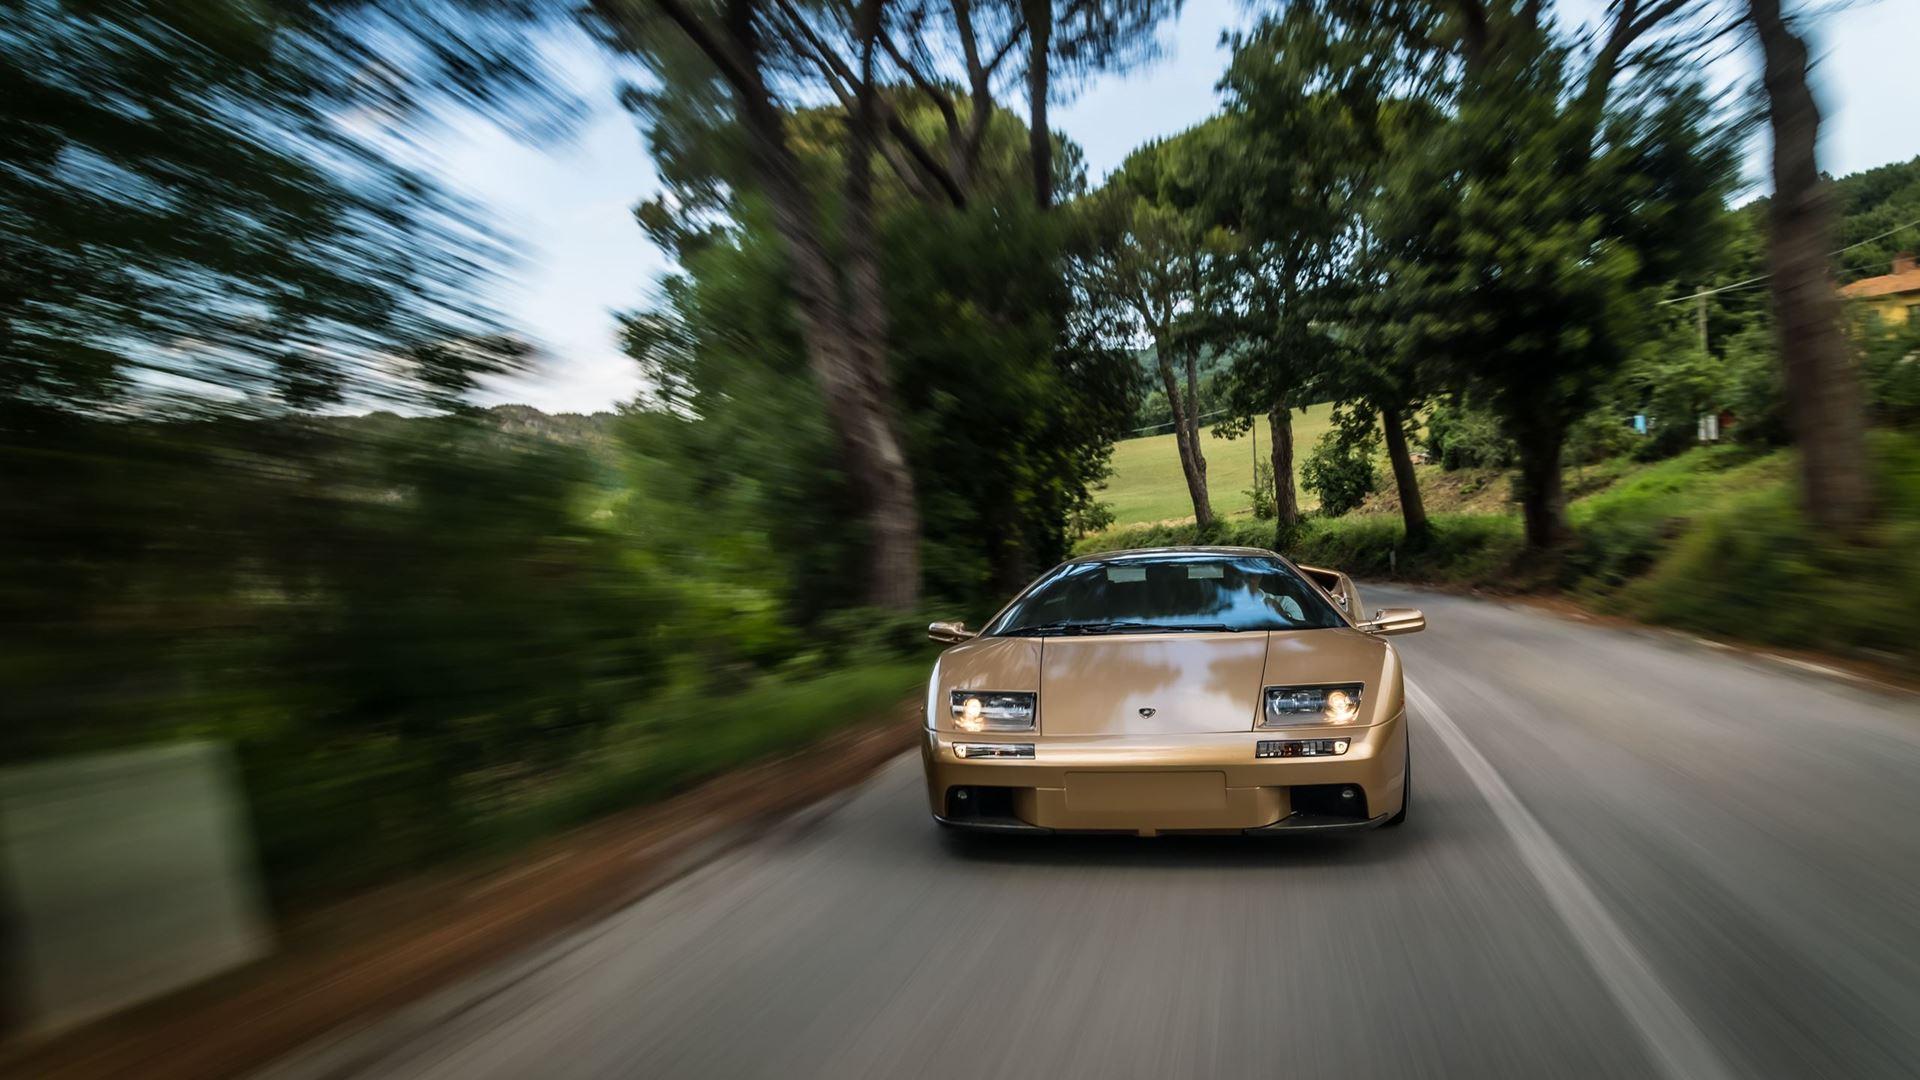 Lamborghini celebrates the 30th Anniversary of the Diablo - Image 2